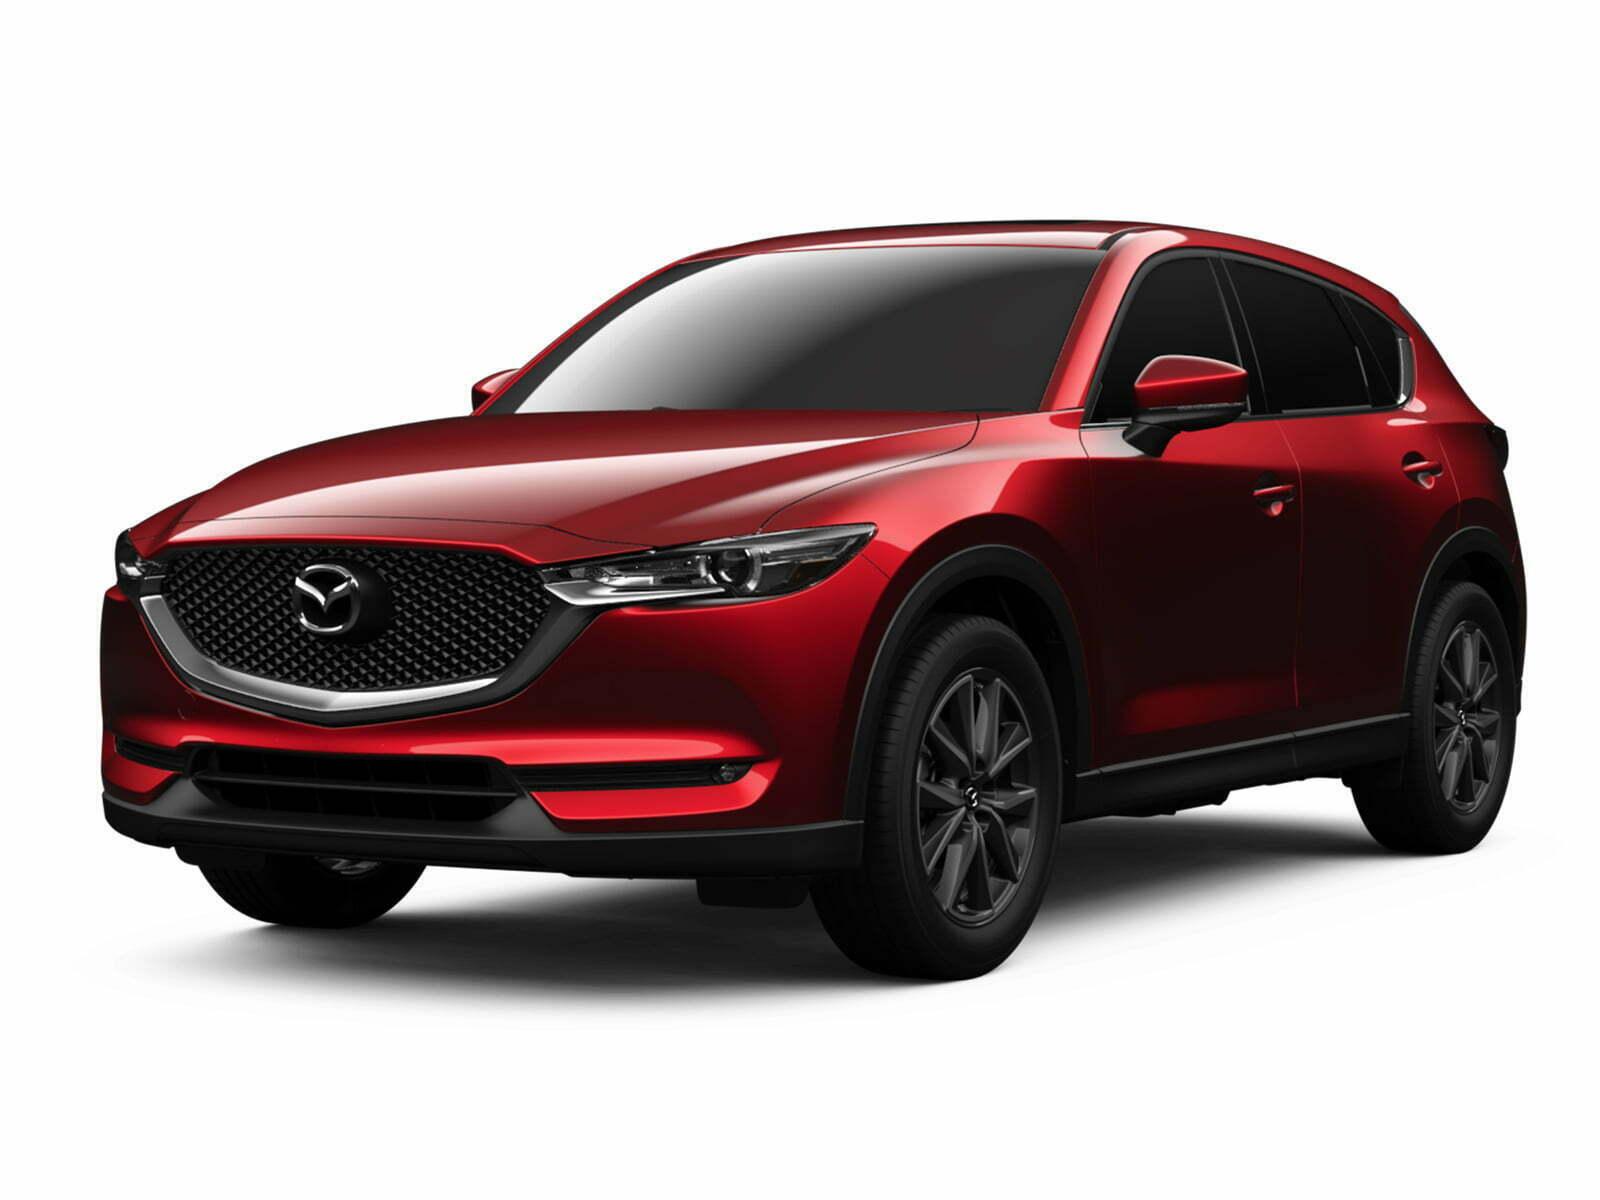 Mazda CX-5 2.0 SKYACTIV-G 6MT 2WD 5d.